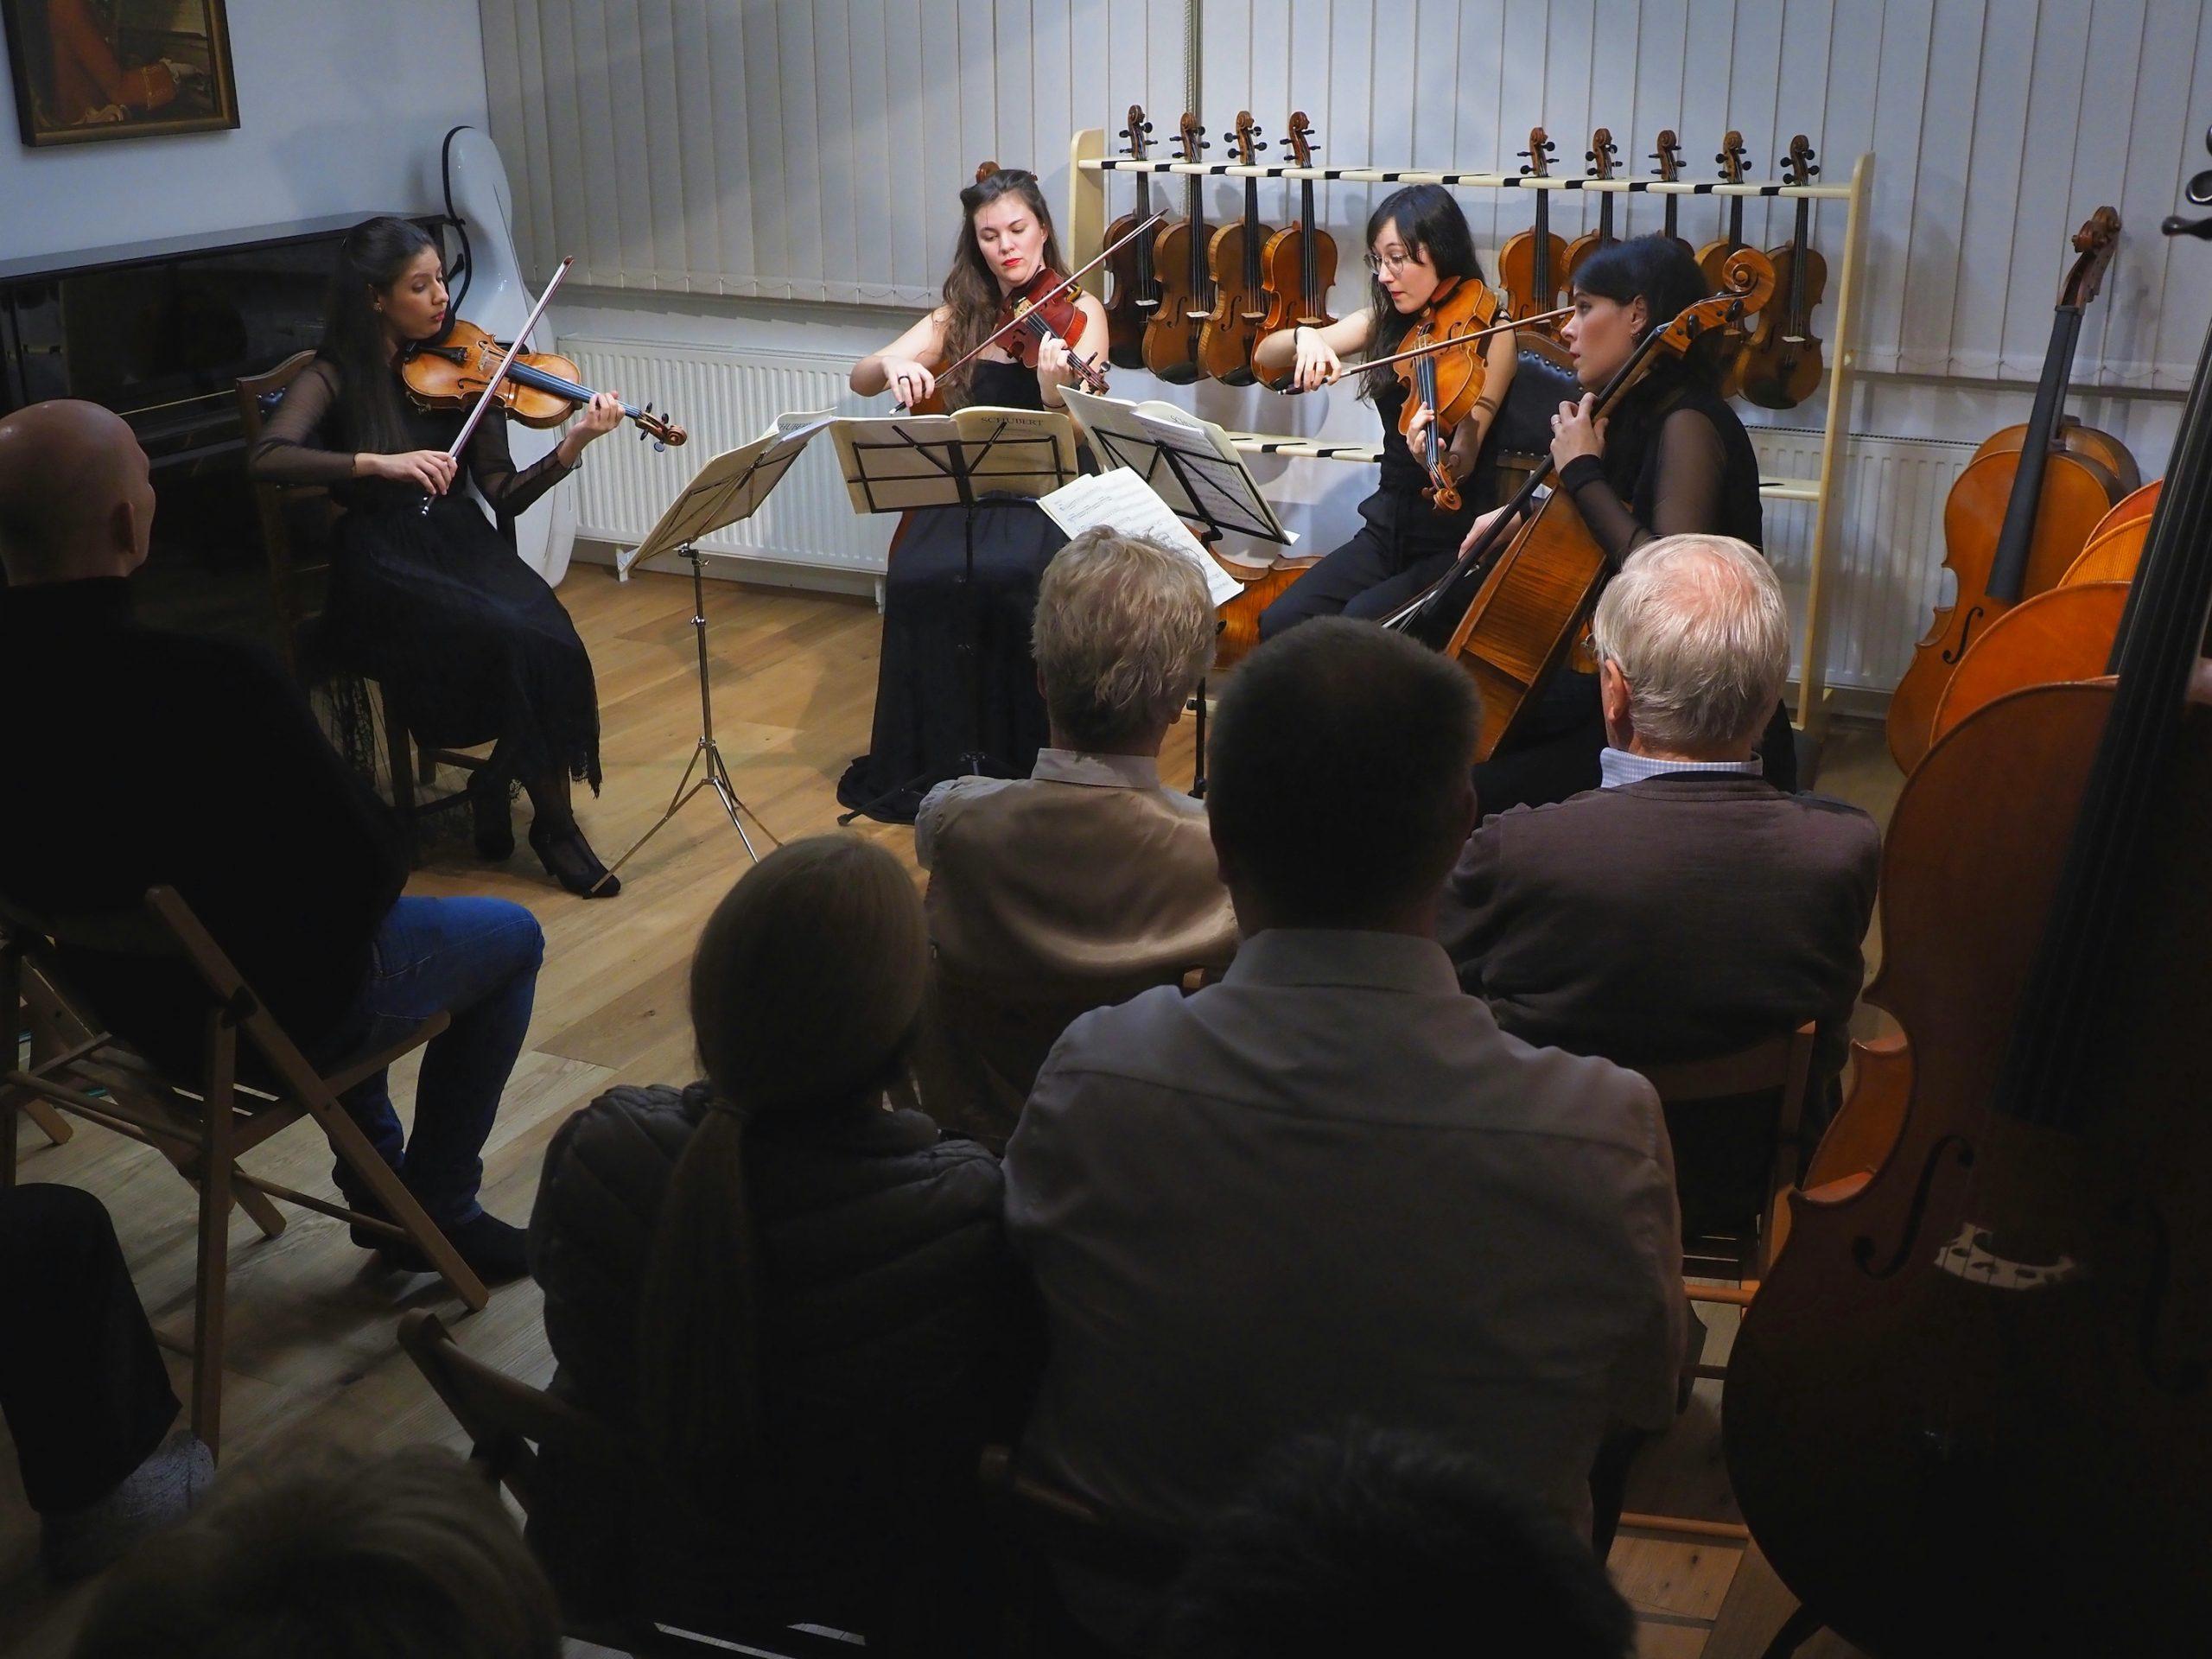 Arantius Quartett